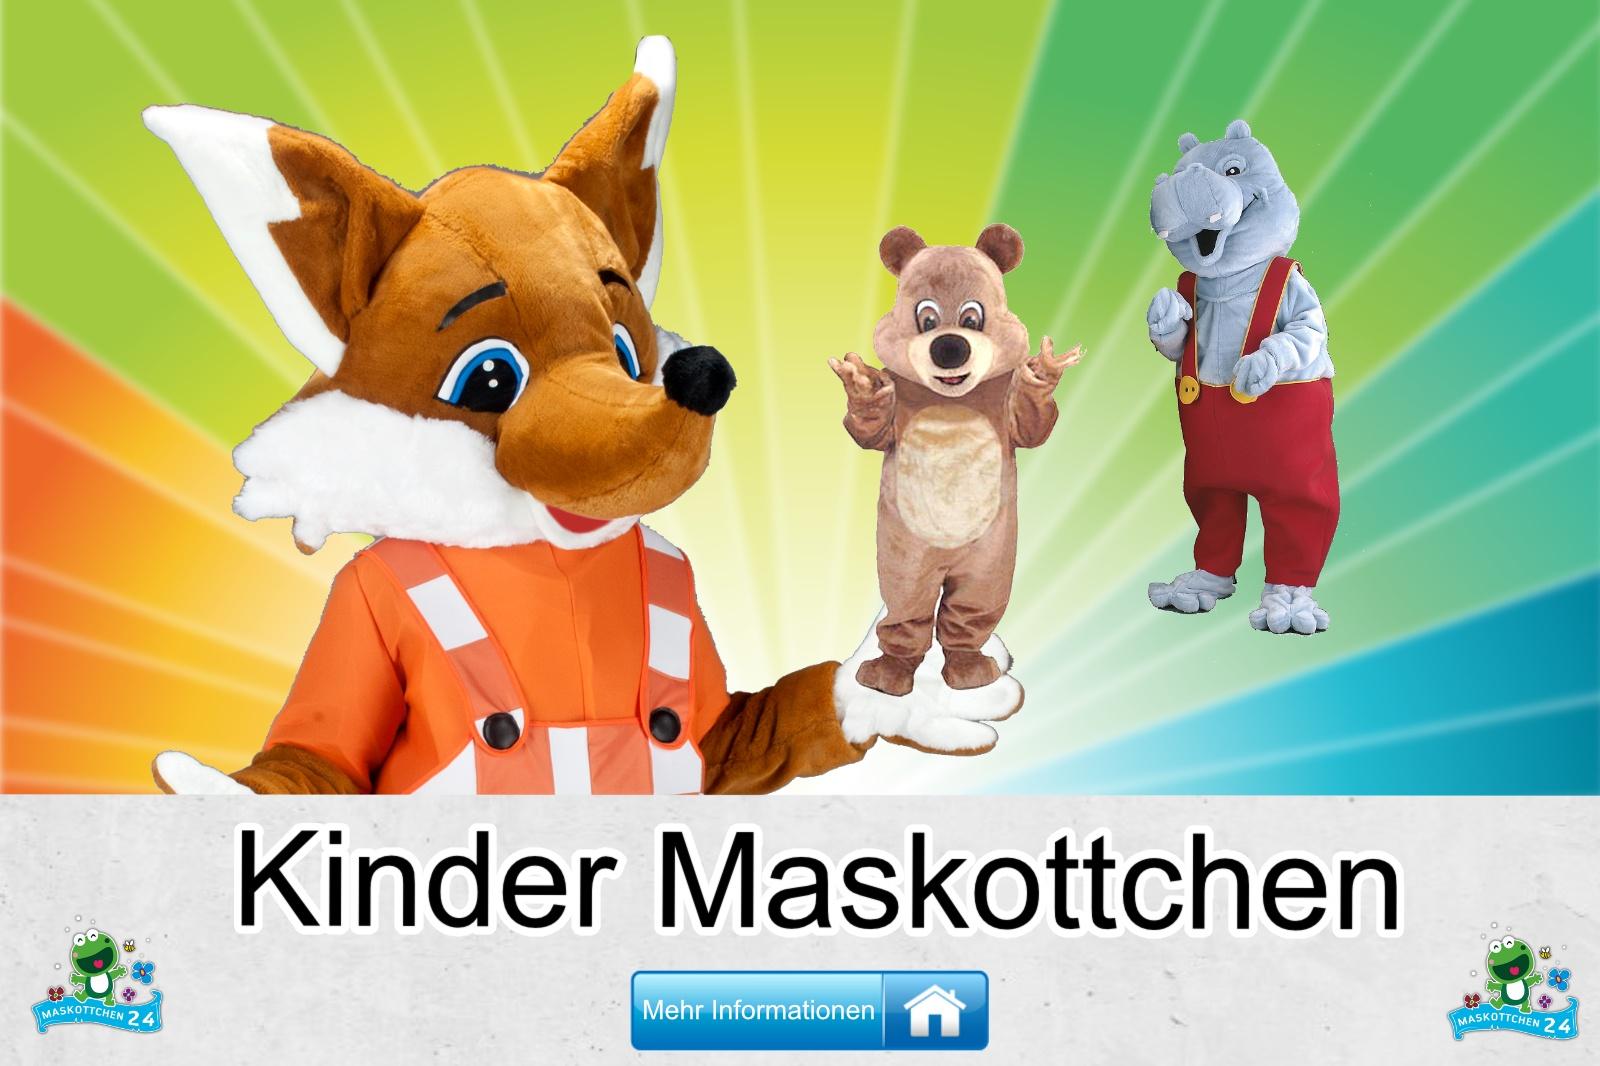 Kinder Kostüm kaufen, günstige Produktion / Herstellung